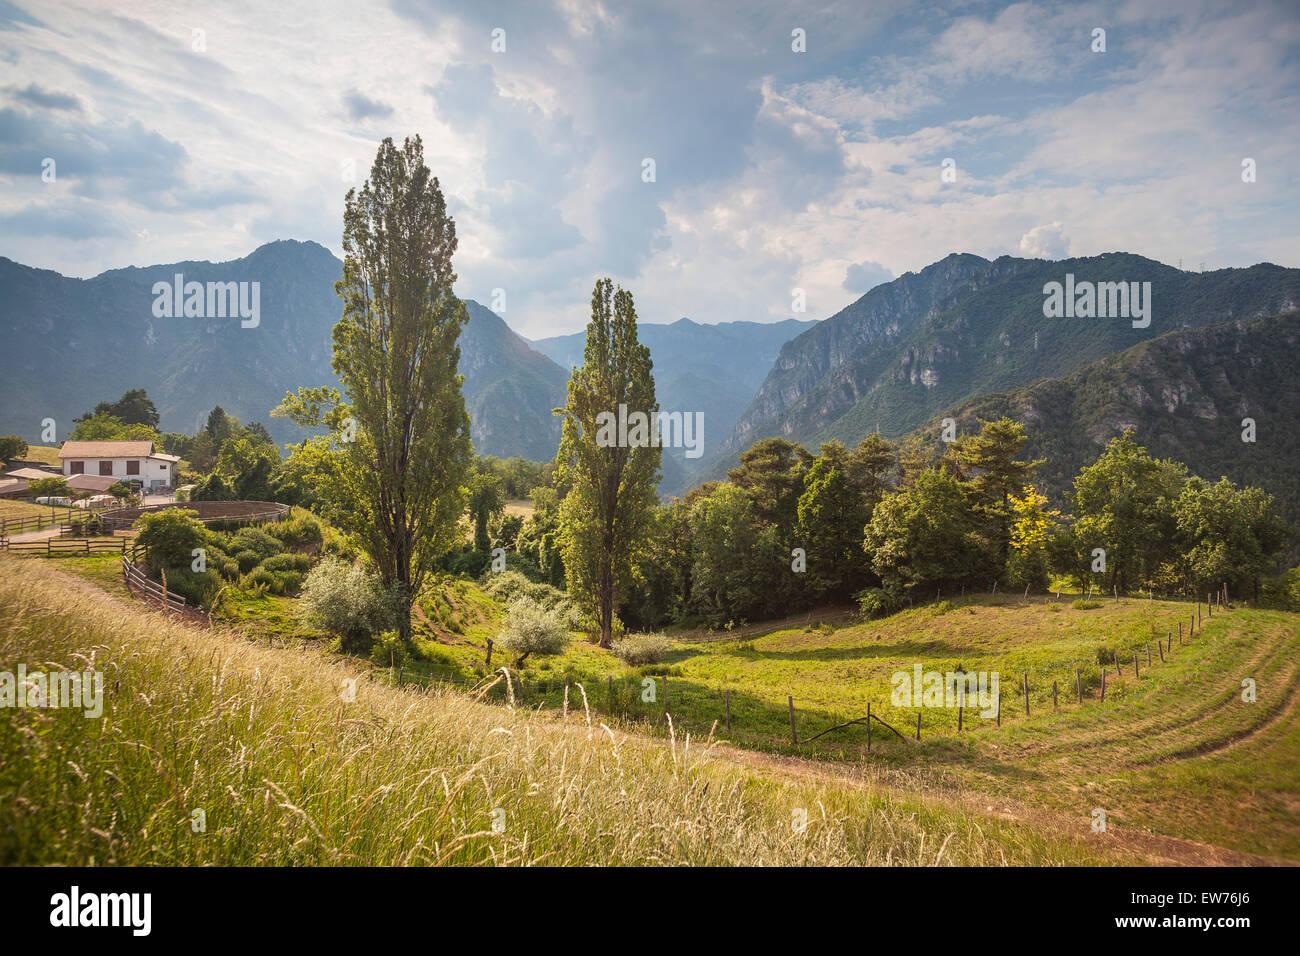 Agriturismo Nai, Riserva Naturale Alto Garda Bresciano, Italia Immagini Stock